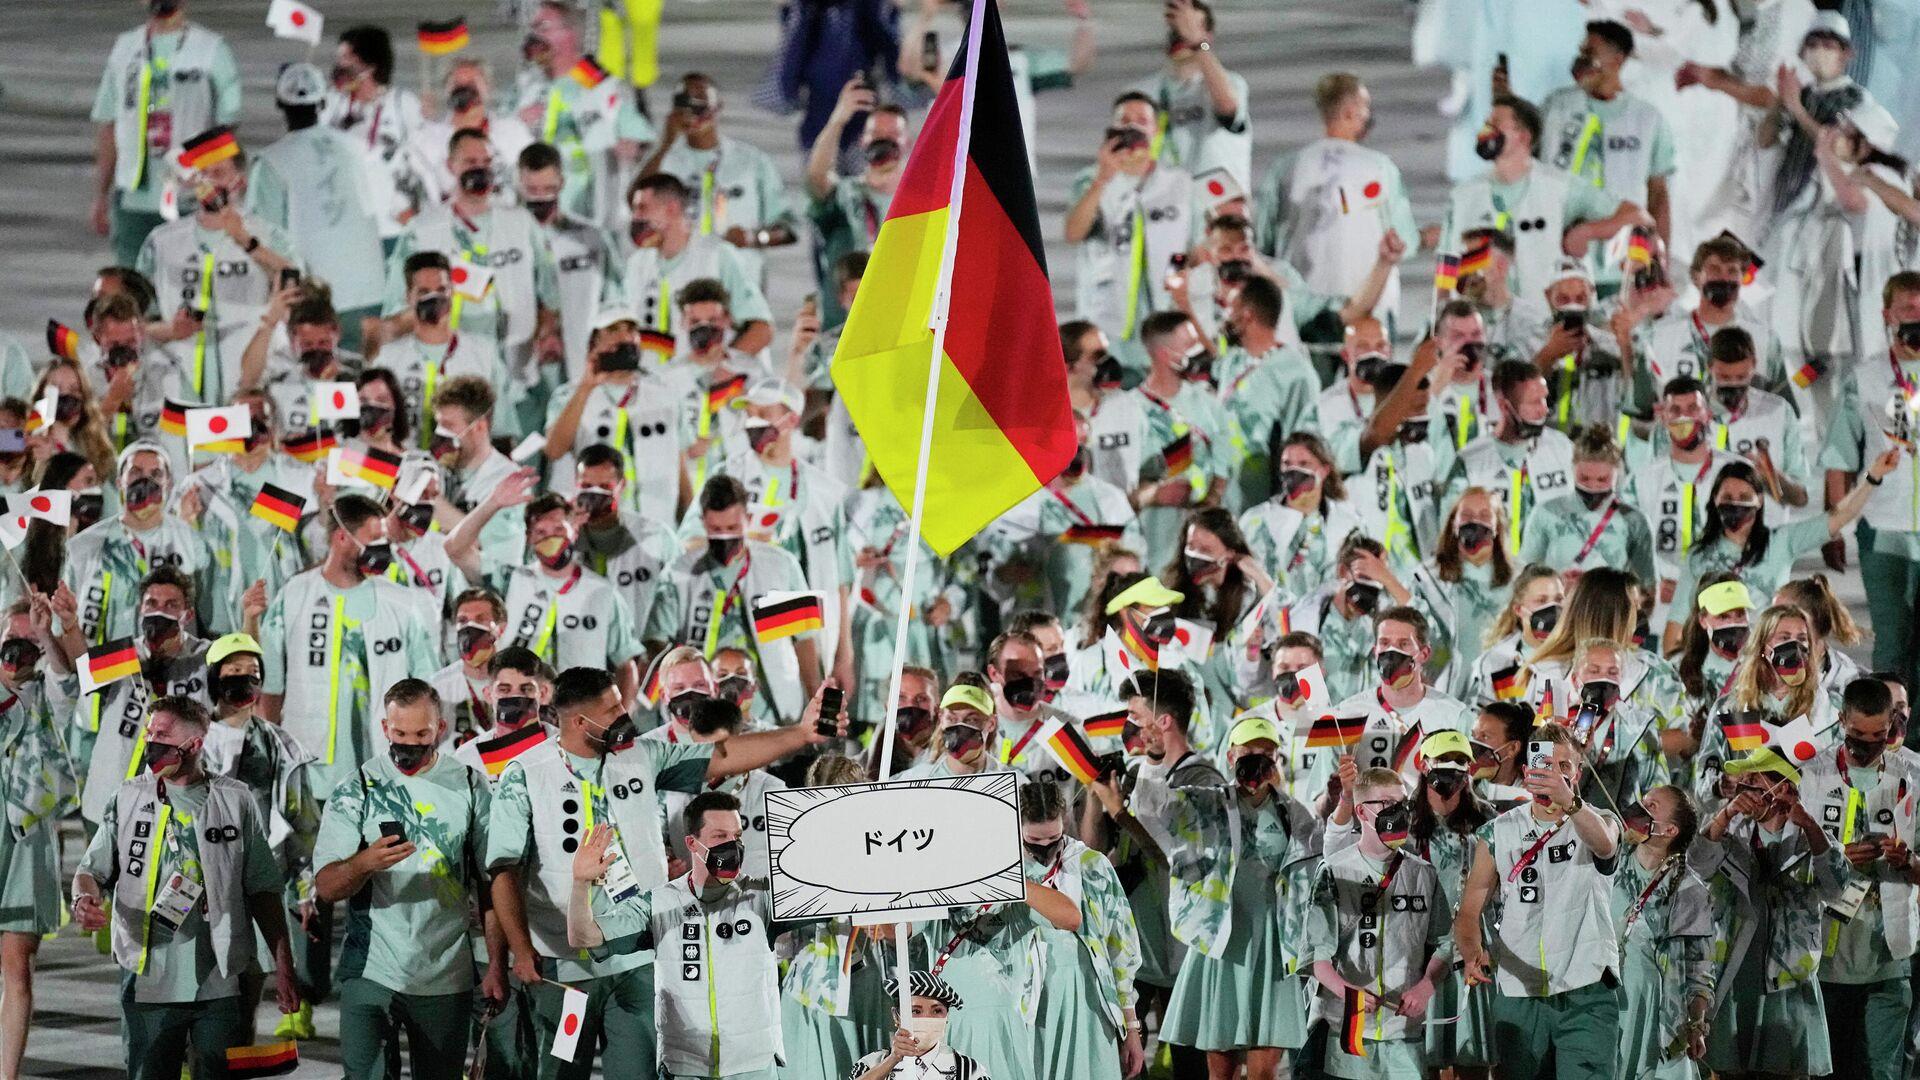 Deutsche Athleten ber der Eröffnungszeremonie der Olympischen Spiele in Tokio - SNA, 1920, 08.08.2021